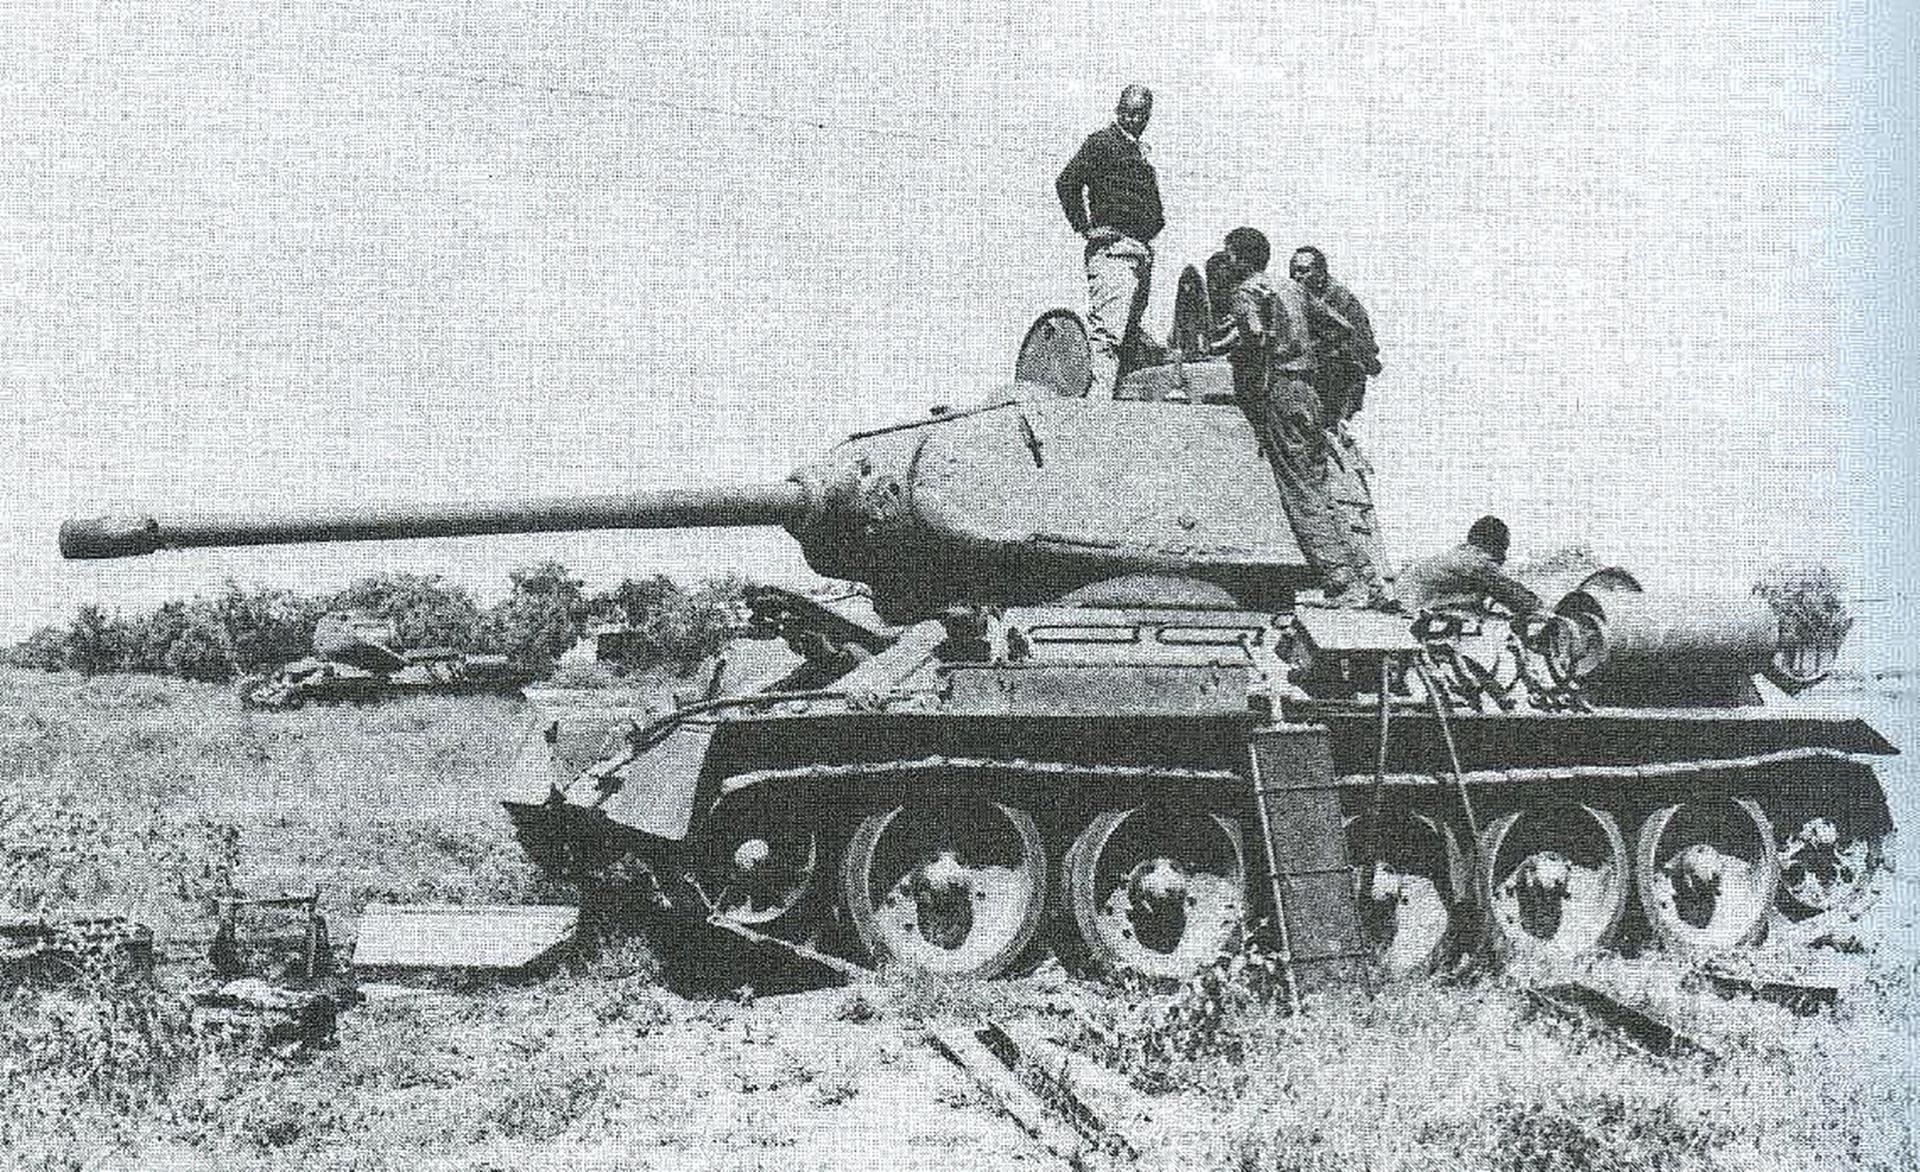 Oštećeni tenk T-34 somalijske vojske na popravku.